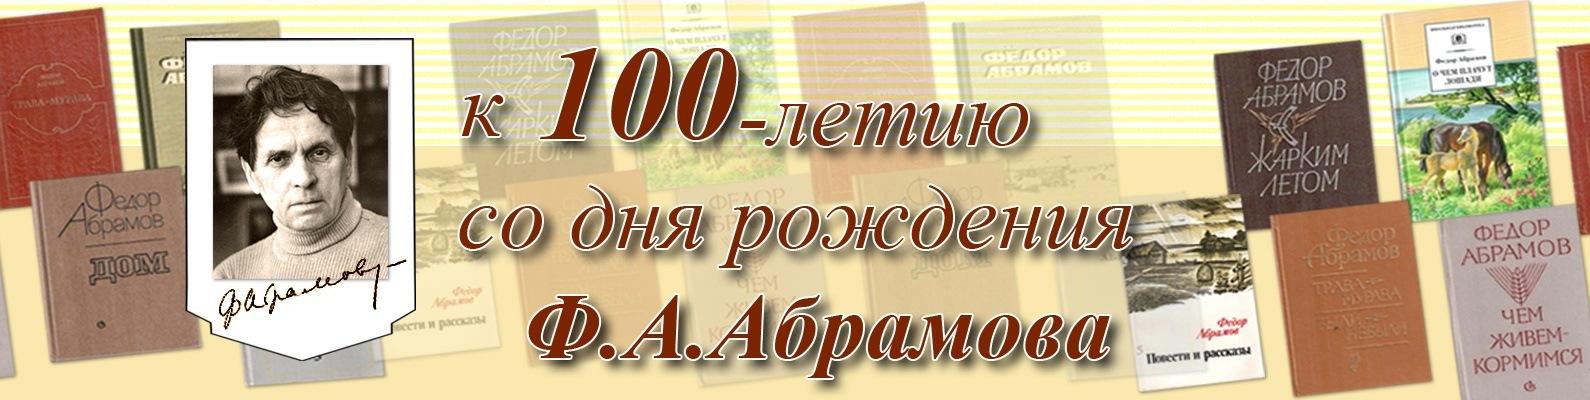 К юбилею Ф.А.Абрамова